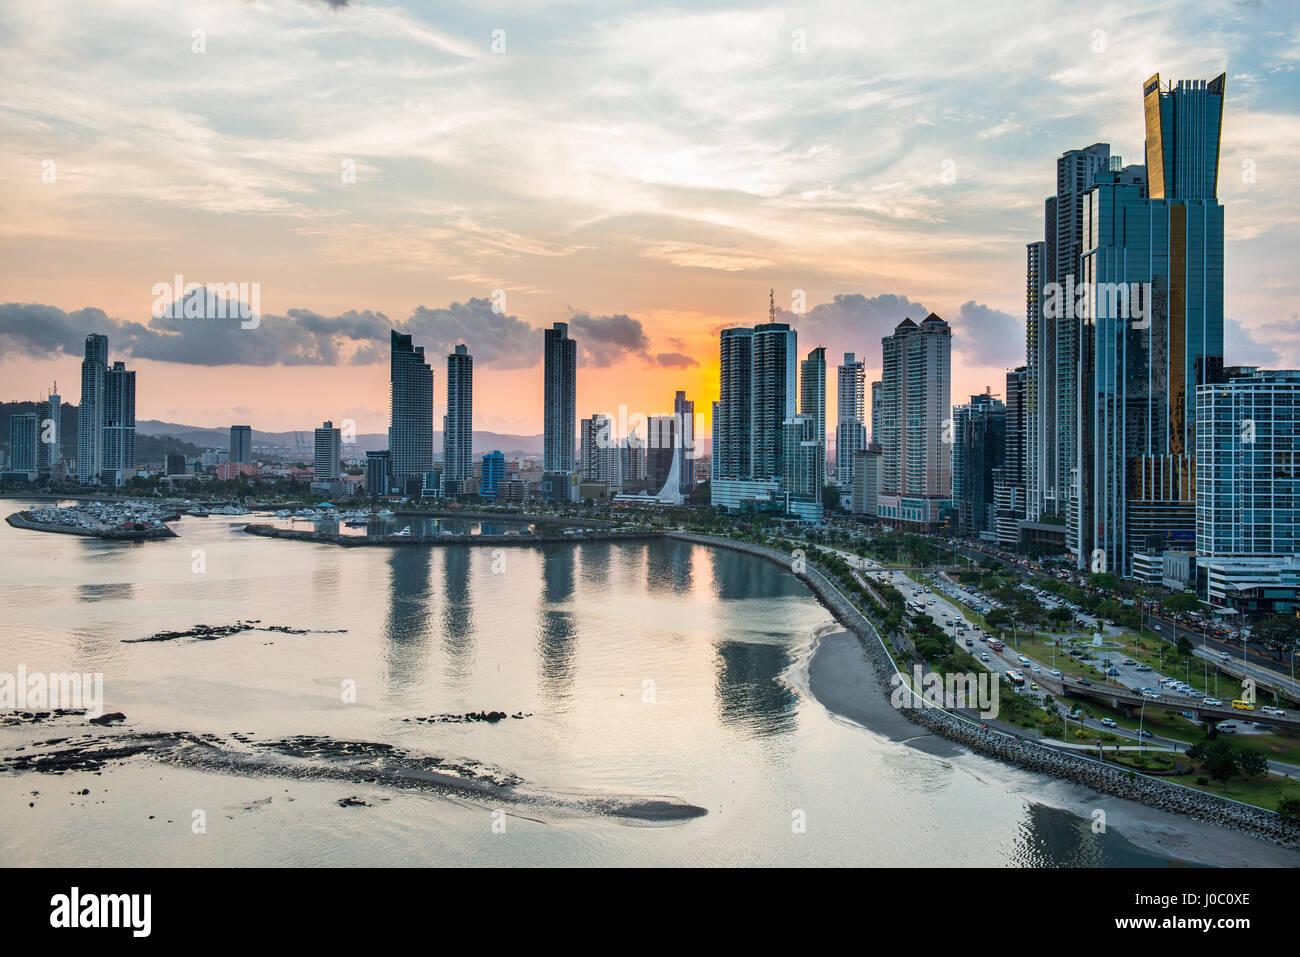 Des toits de la ville de Panama au coucher du soleil, la ville de Panama, Panama, Amérique Centrale Photo Stock